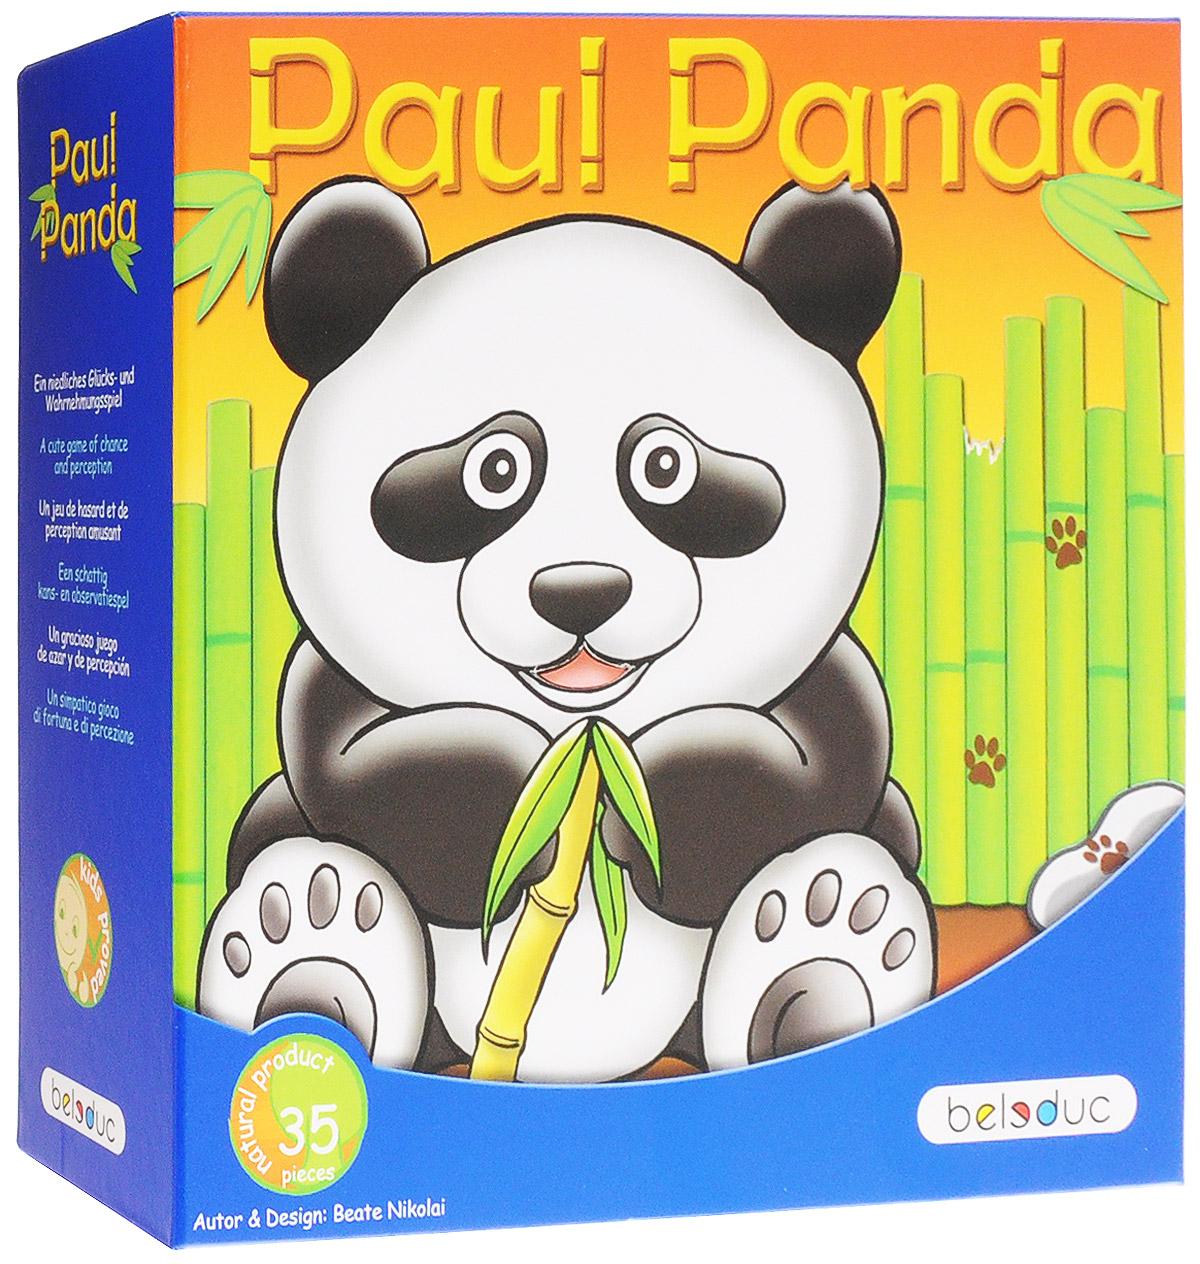 Beleduc Обучающая игра Веселая панда22322Обучающая игра Beleduc Веселая панда - милая и веселая игра на тренировку чувств восприятия. Веселая панда голодна и, конечно же, хочет выиграть игру, но это будет зависеть от того, как игрок будет действовать при посадке бамбуковых палочек и сможет ли накормить панду. Эта милая игра поможет игрокам лучше понять природу и стать более осведомленными о своей среде. Панда любит сидеть в своем маленьком бамбуковом лесу и кушать вкусные зеленые листья. К сожалению, ее лес находится в опасности, потому что дровосеки не очень далеко, и каждый день срезают бамбук, сокращая его количество. Поэтому, необходимо много дождя и солнца, чтобы бамбук мог хорошо расти, и, конечно, немного удачи. Тогда у панды будет достаточно листьев бамбука для питания, и ей не нужно будет беспокоиться о лесорубах. Вместе, мы должны поддерживать экологический баланс между человеком и природой; достаточно ли будет бамбука для всех? Игроки выполняют различные действия, которые определяются с помощью диска со...